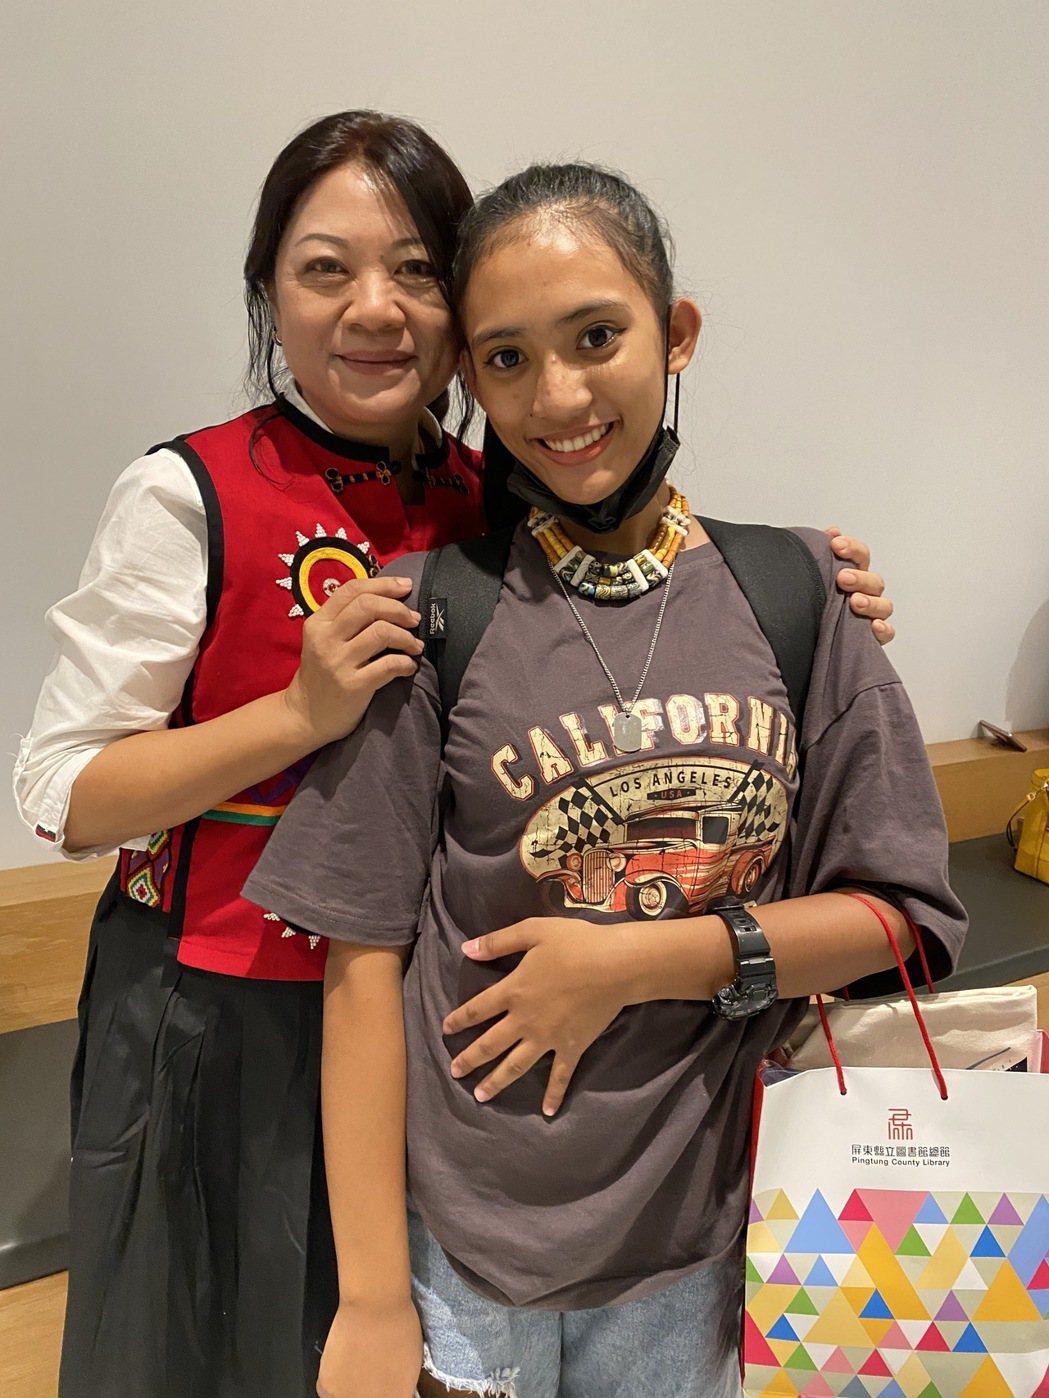 斯卡羅戲劇中族語指導華加婧(左)為讓演員們學習排灣族語,她將中文劇本轉譯排灣族語